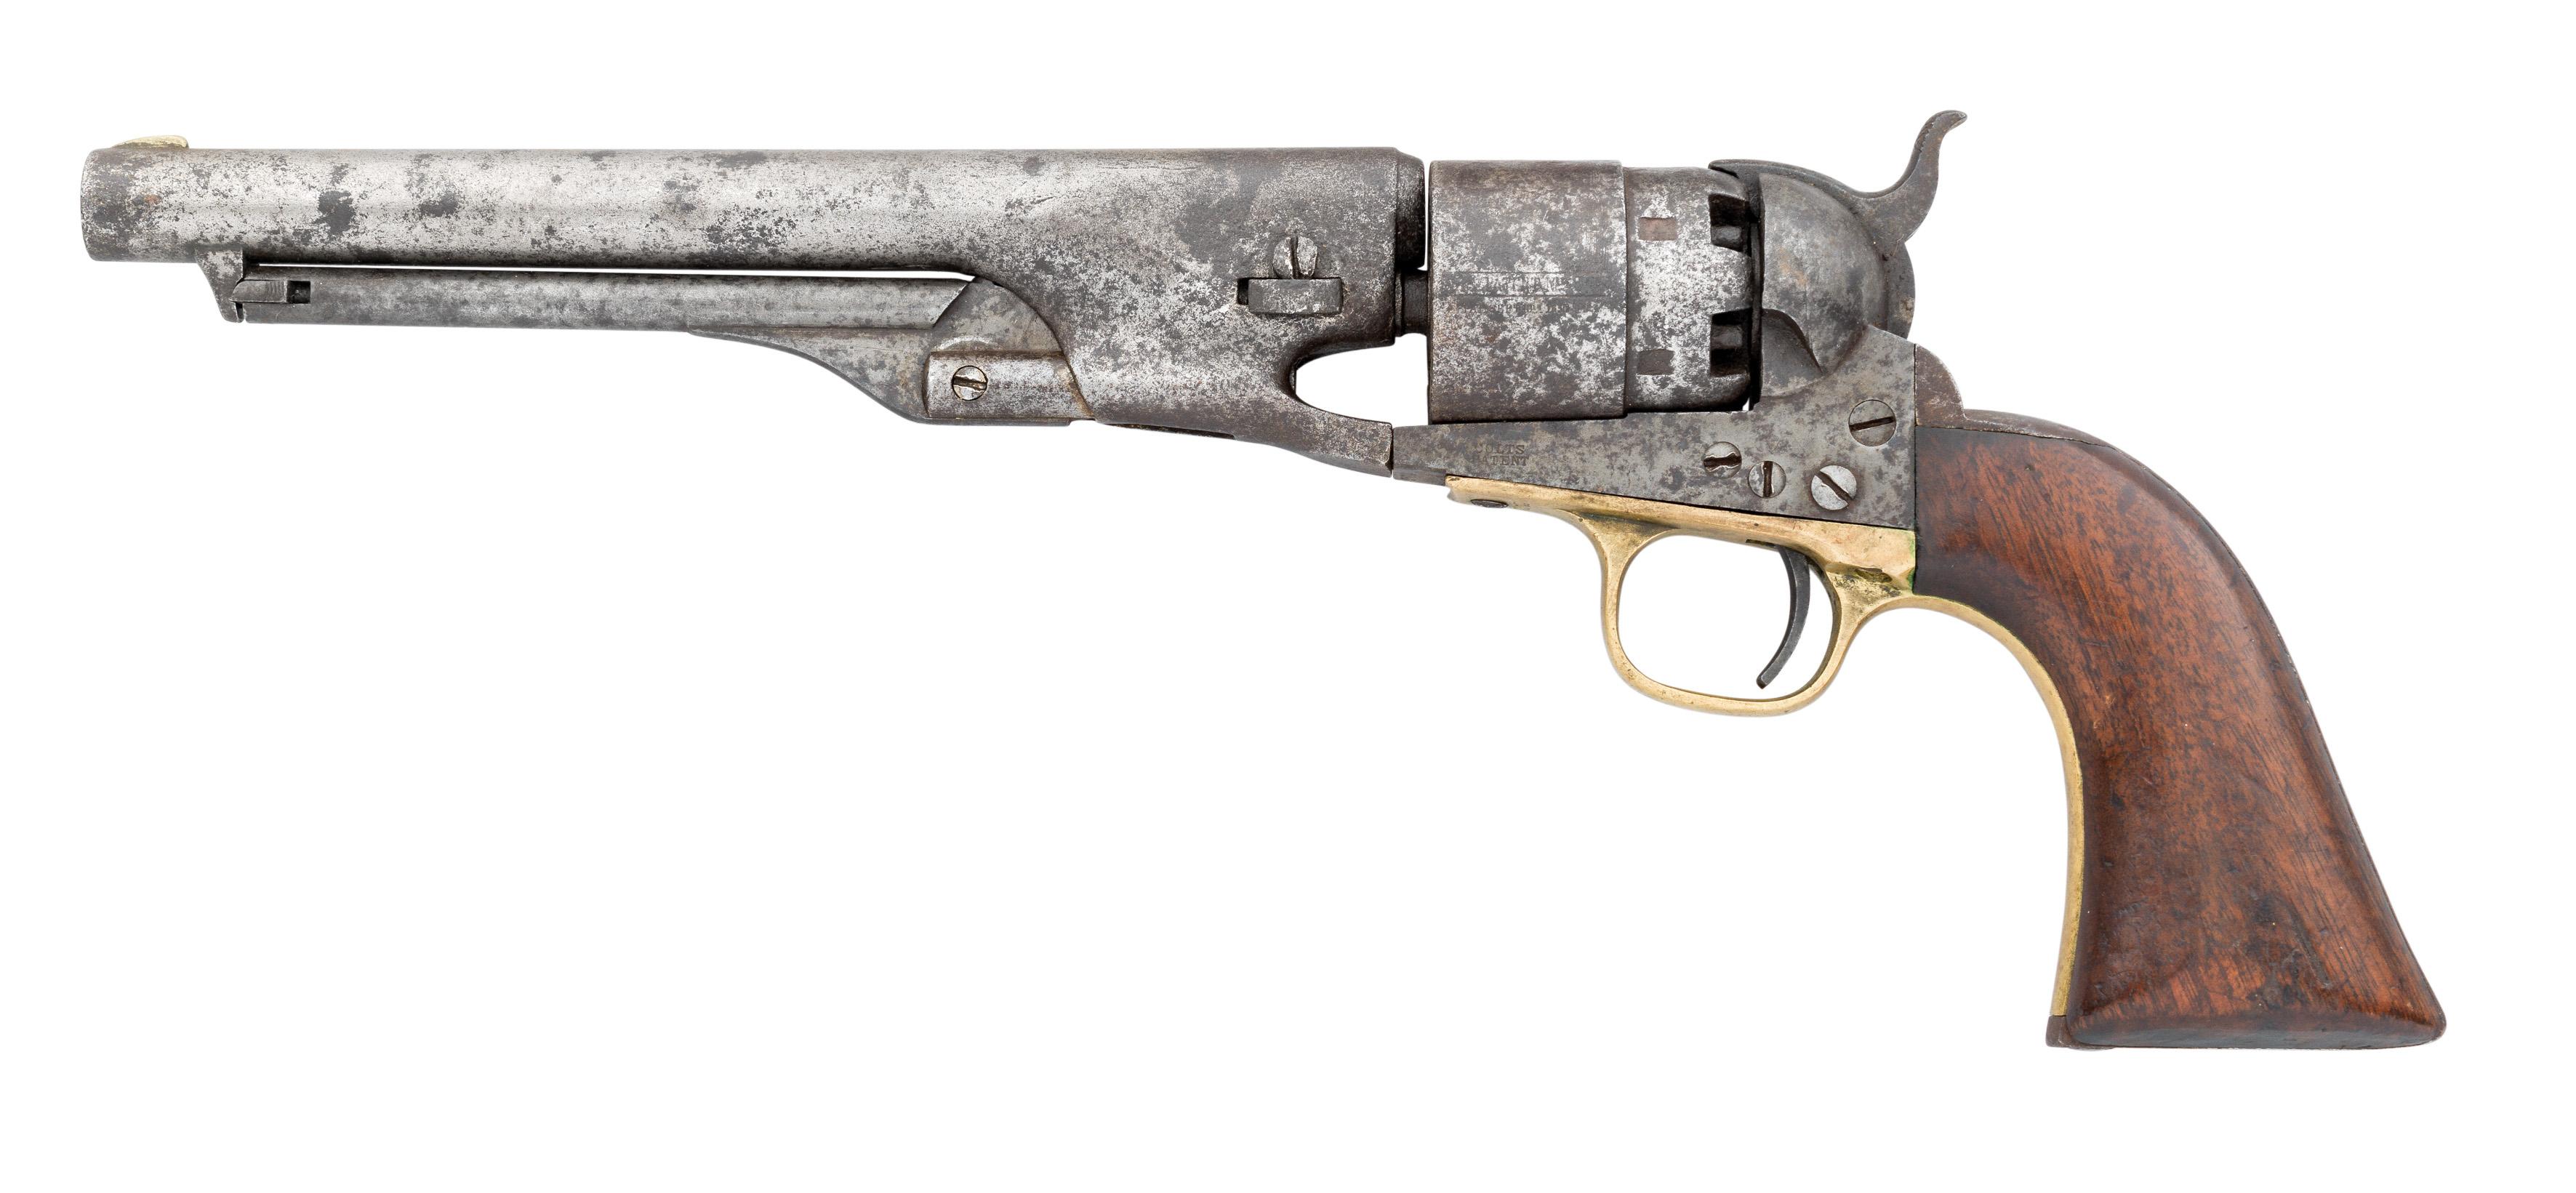 Ⓦ A .44 CALIBRE COLT MODEL 1860 SIX-SHOT PERCUSSION ARMY REVOLVER^ NO. 25799 FOR 1862